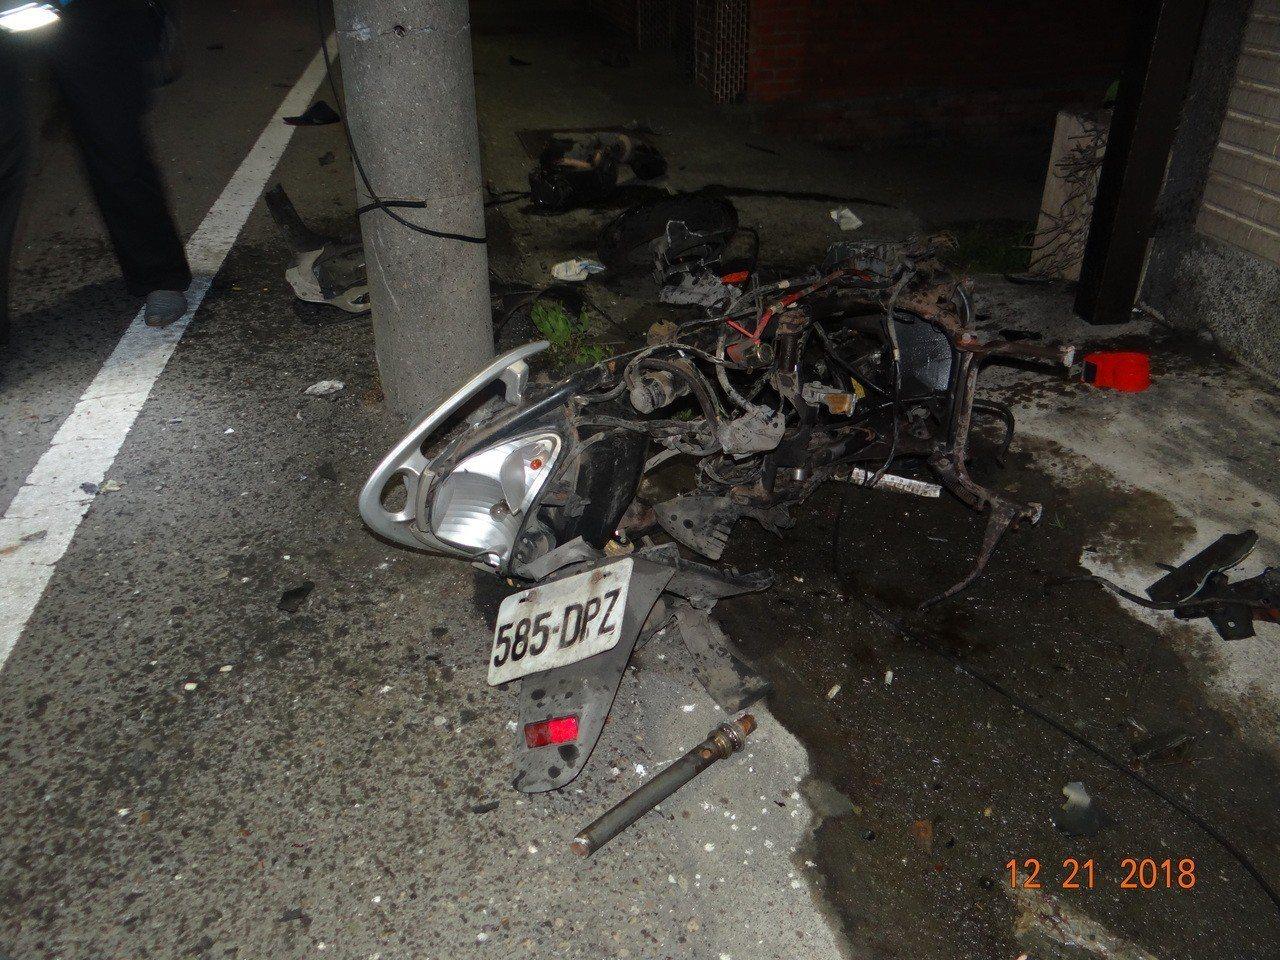 許姓男子騎機車反家遭賓士車嚴重撞擊,整台車碎裂。記者林敬家/翻攝